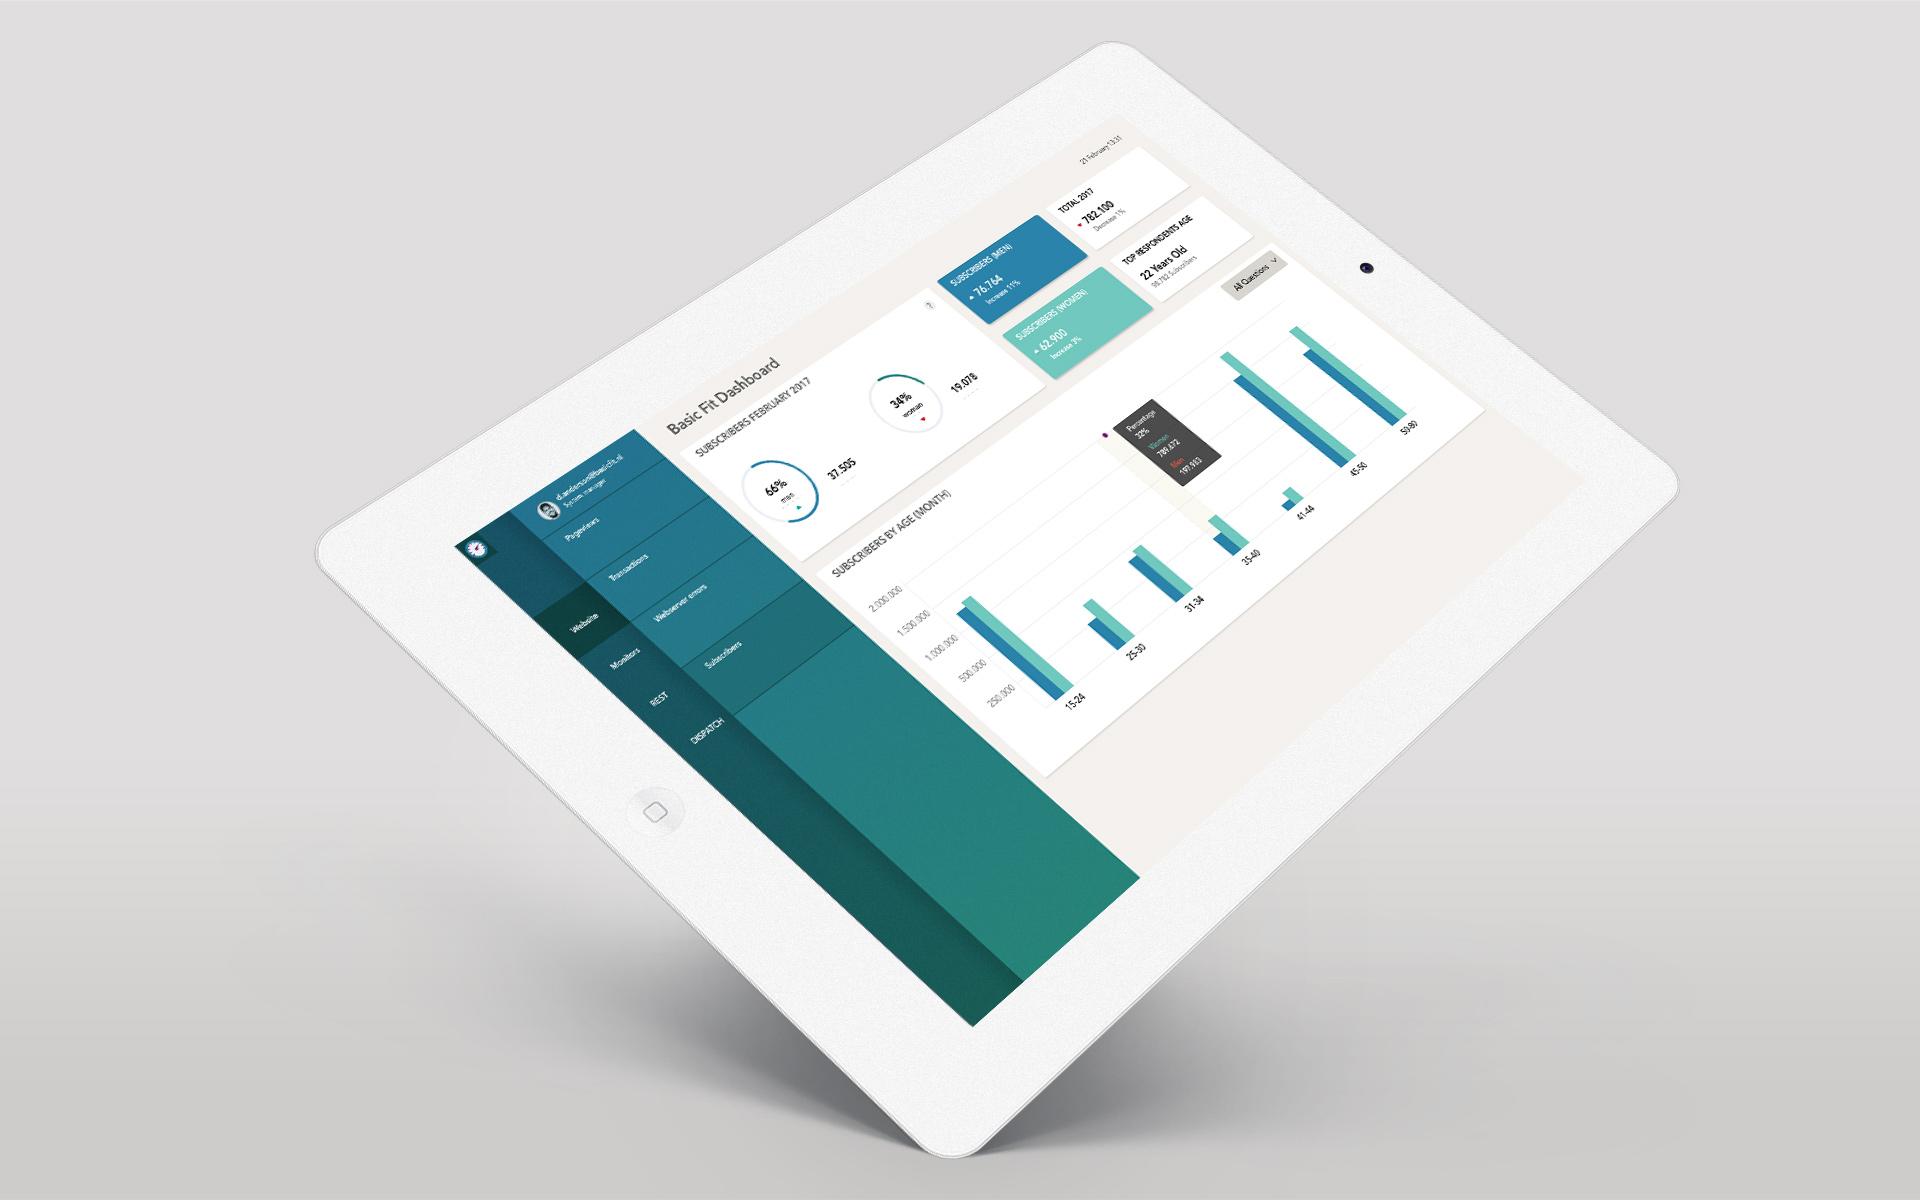 Basicfit_monitor-dashboard_design-iPad